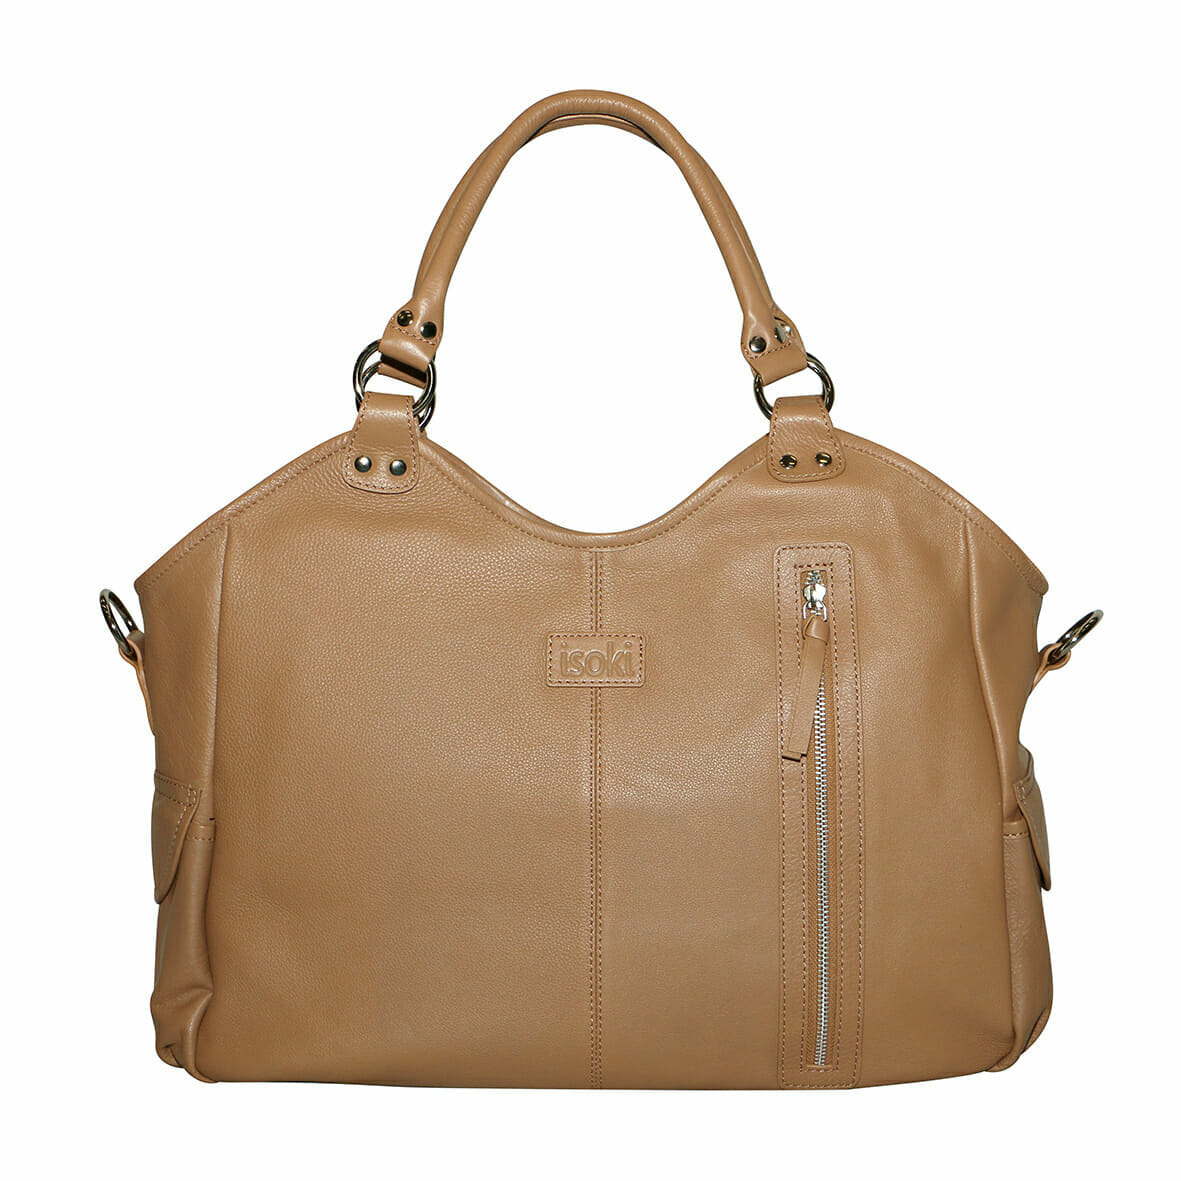 Isoki Leather Hobo Angel Nappy Bag - Queenscliff